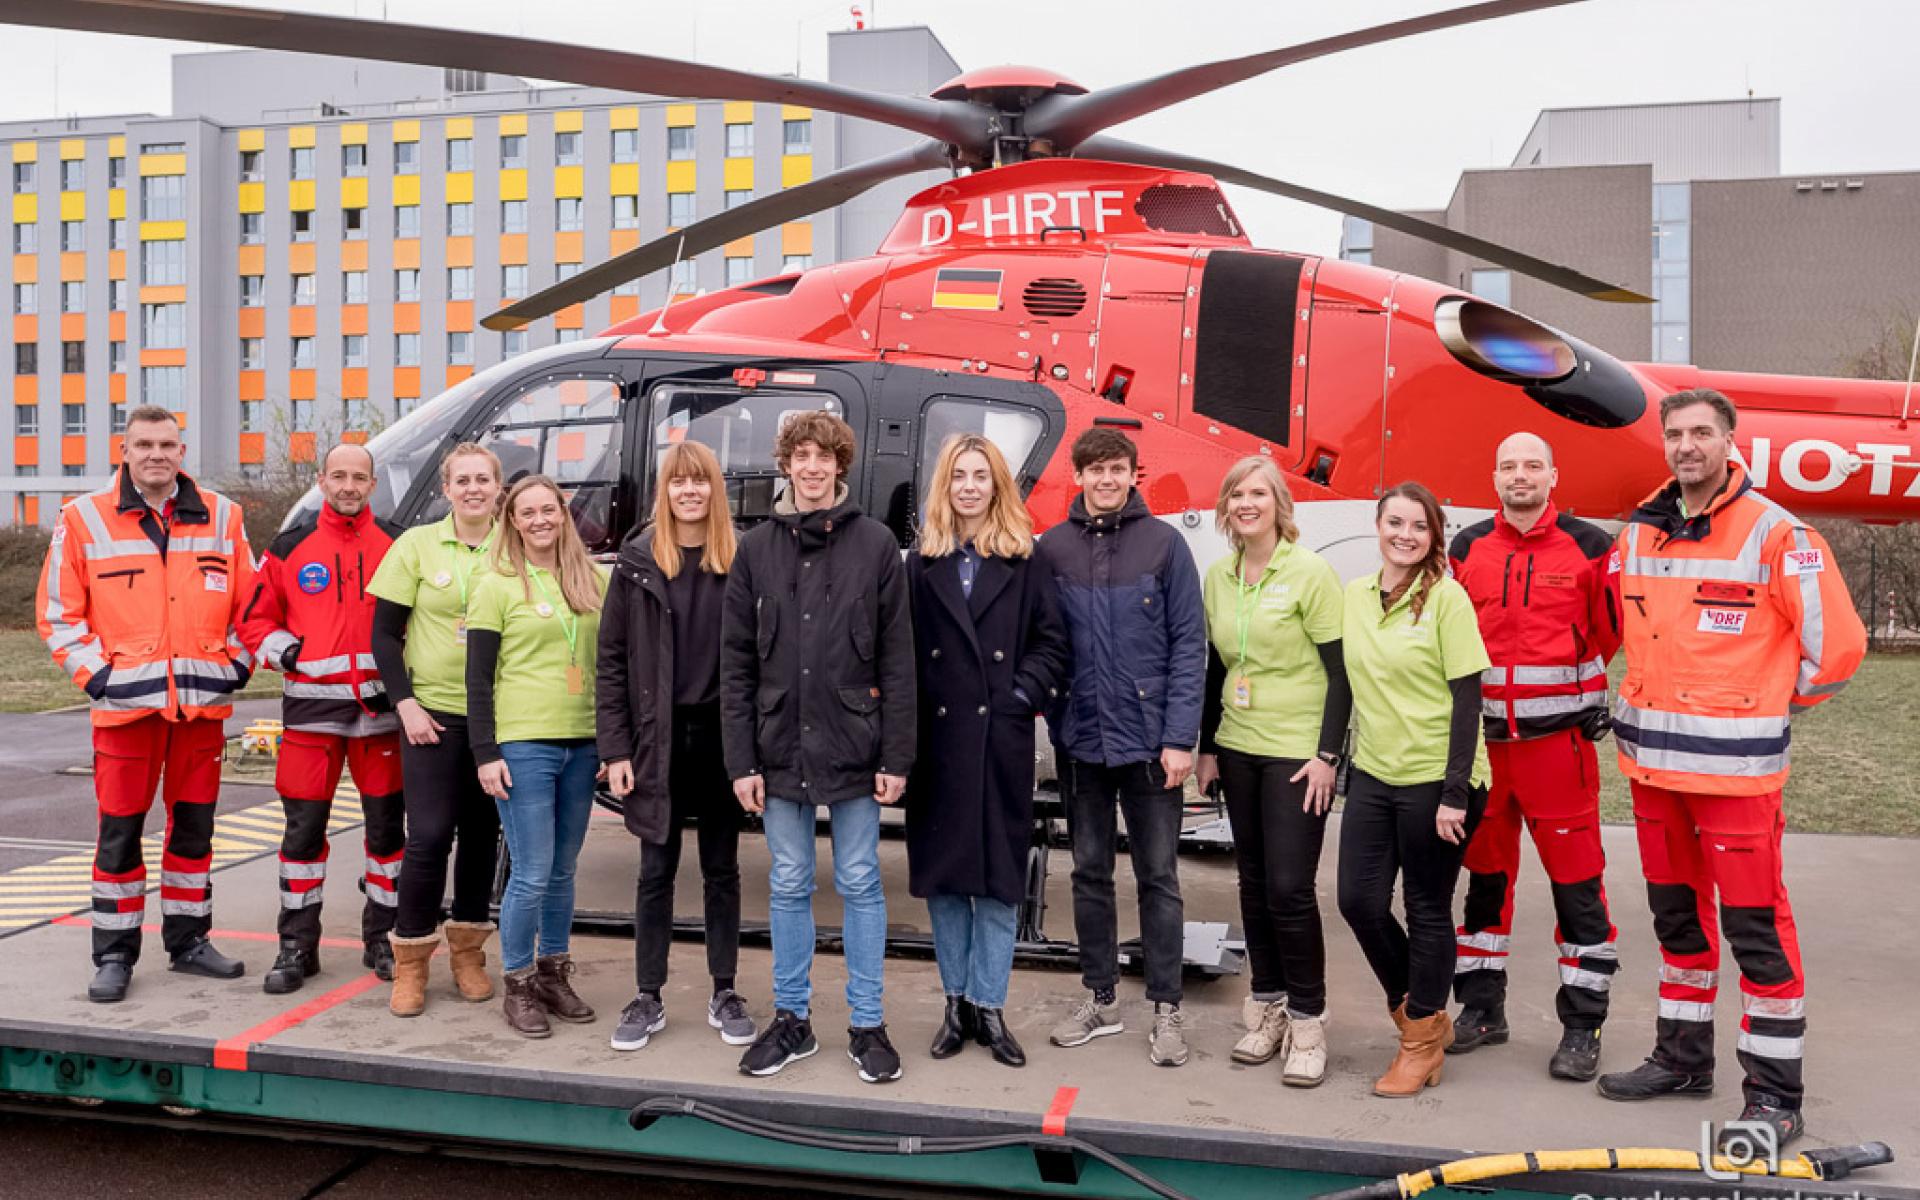 Auch ein Besuch bei Christoph 36, der H 135 der DRF Luftrettung, durfte nicht fehlen. Foto Andreas Lander.